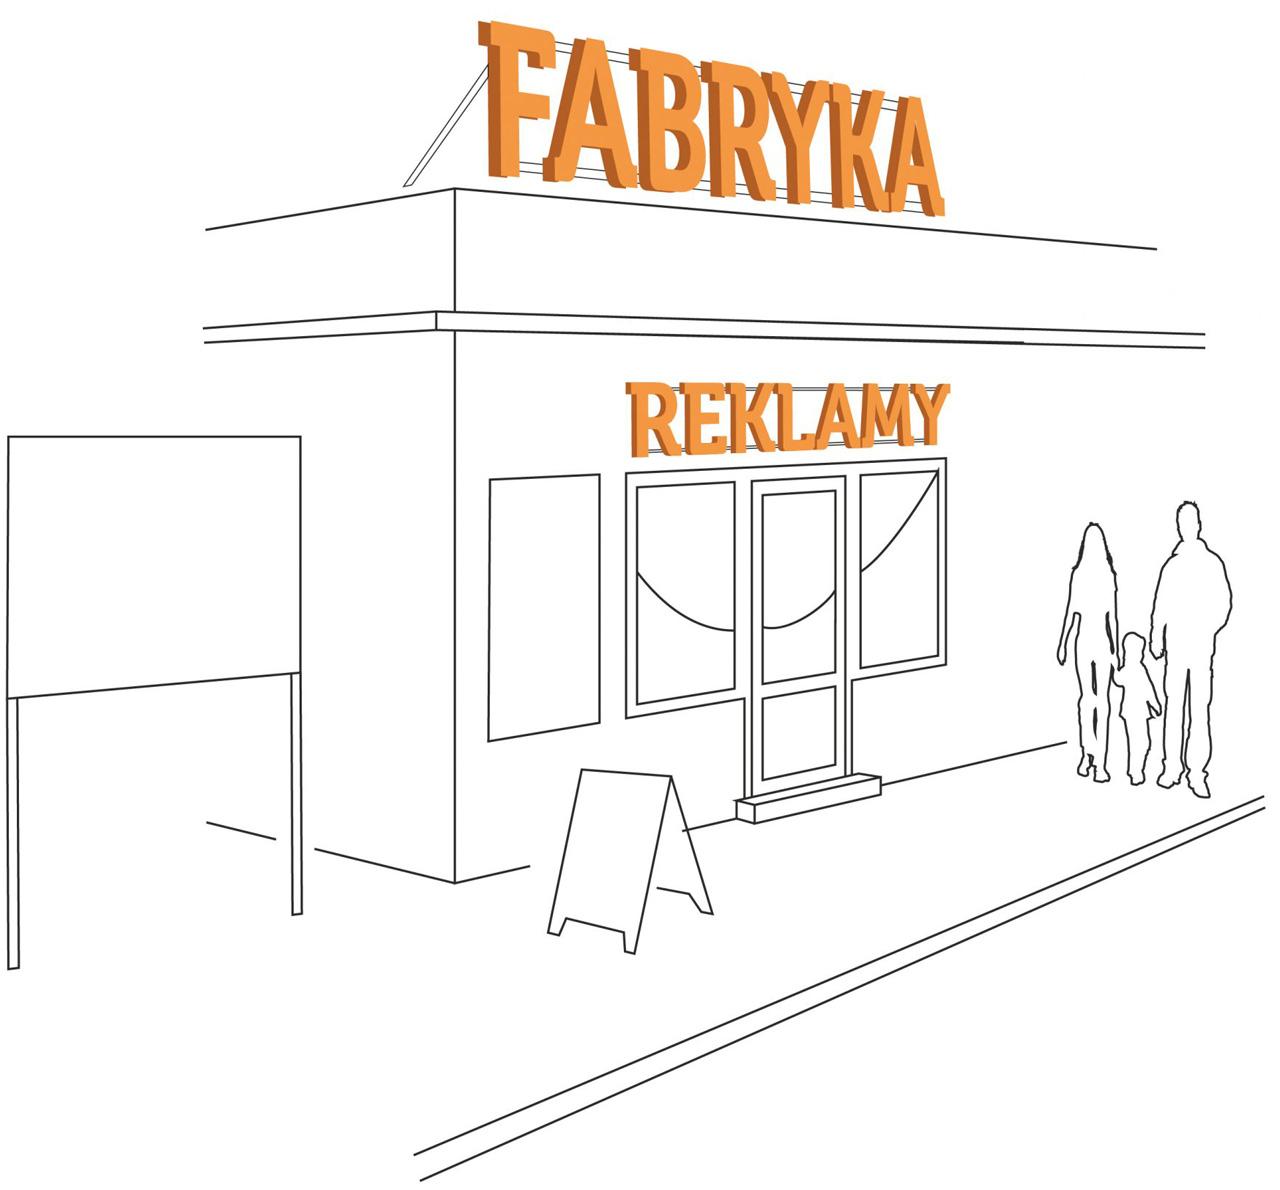 fabryka-reklamy-o-nas-doswiadczony-producent-reklamy-zewnetrznej-i-wewnetrznej